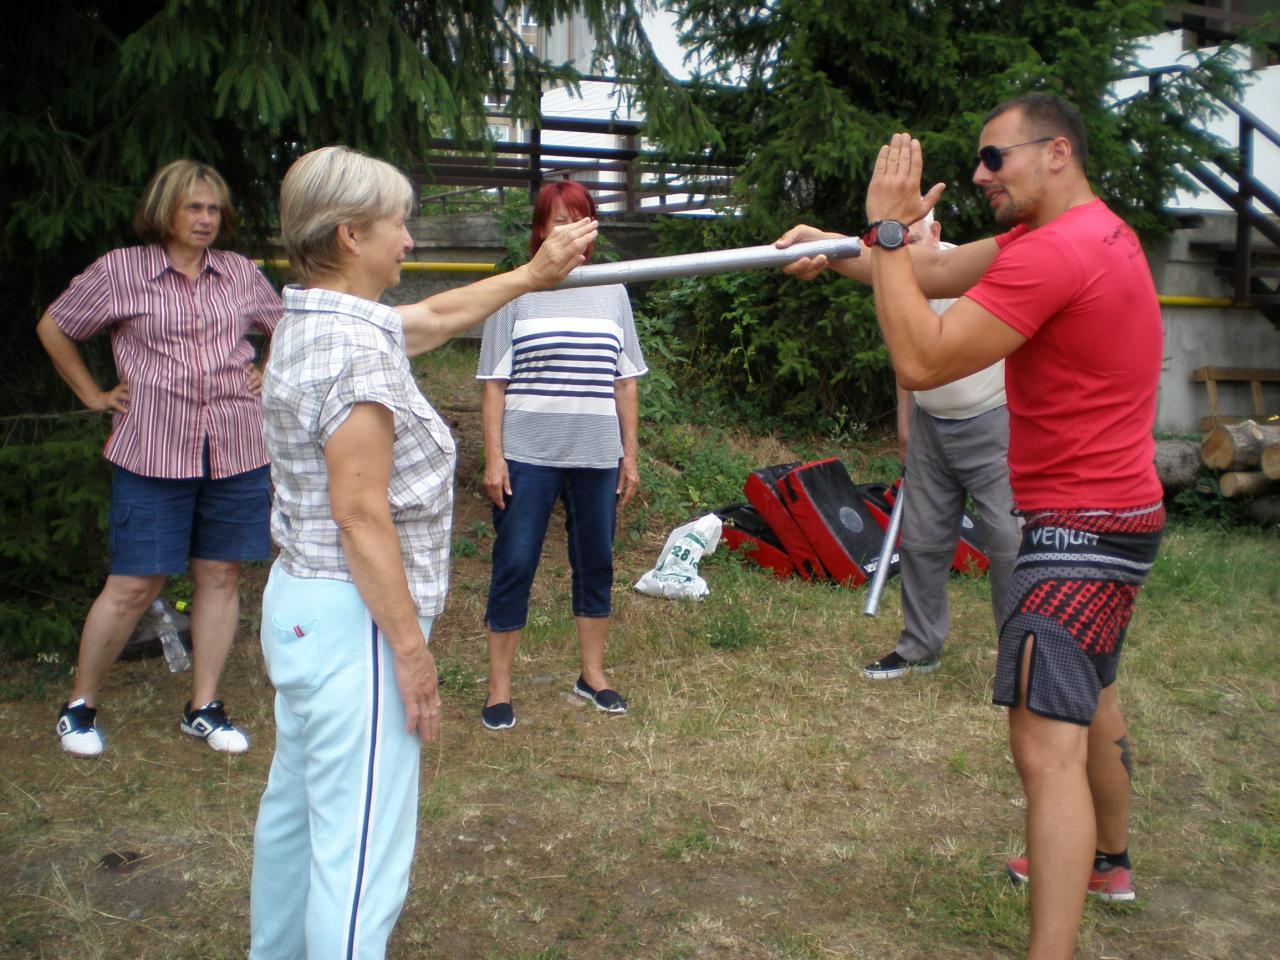 Kurzy sebeobrany pro seniory 1